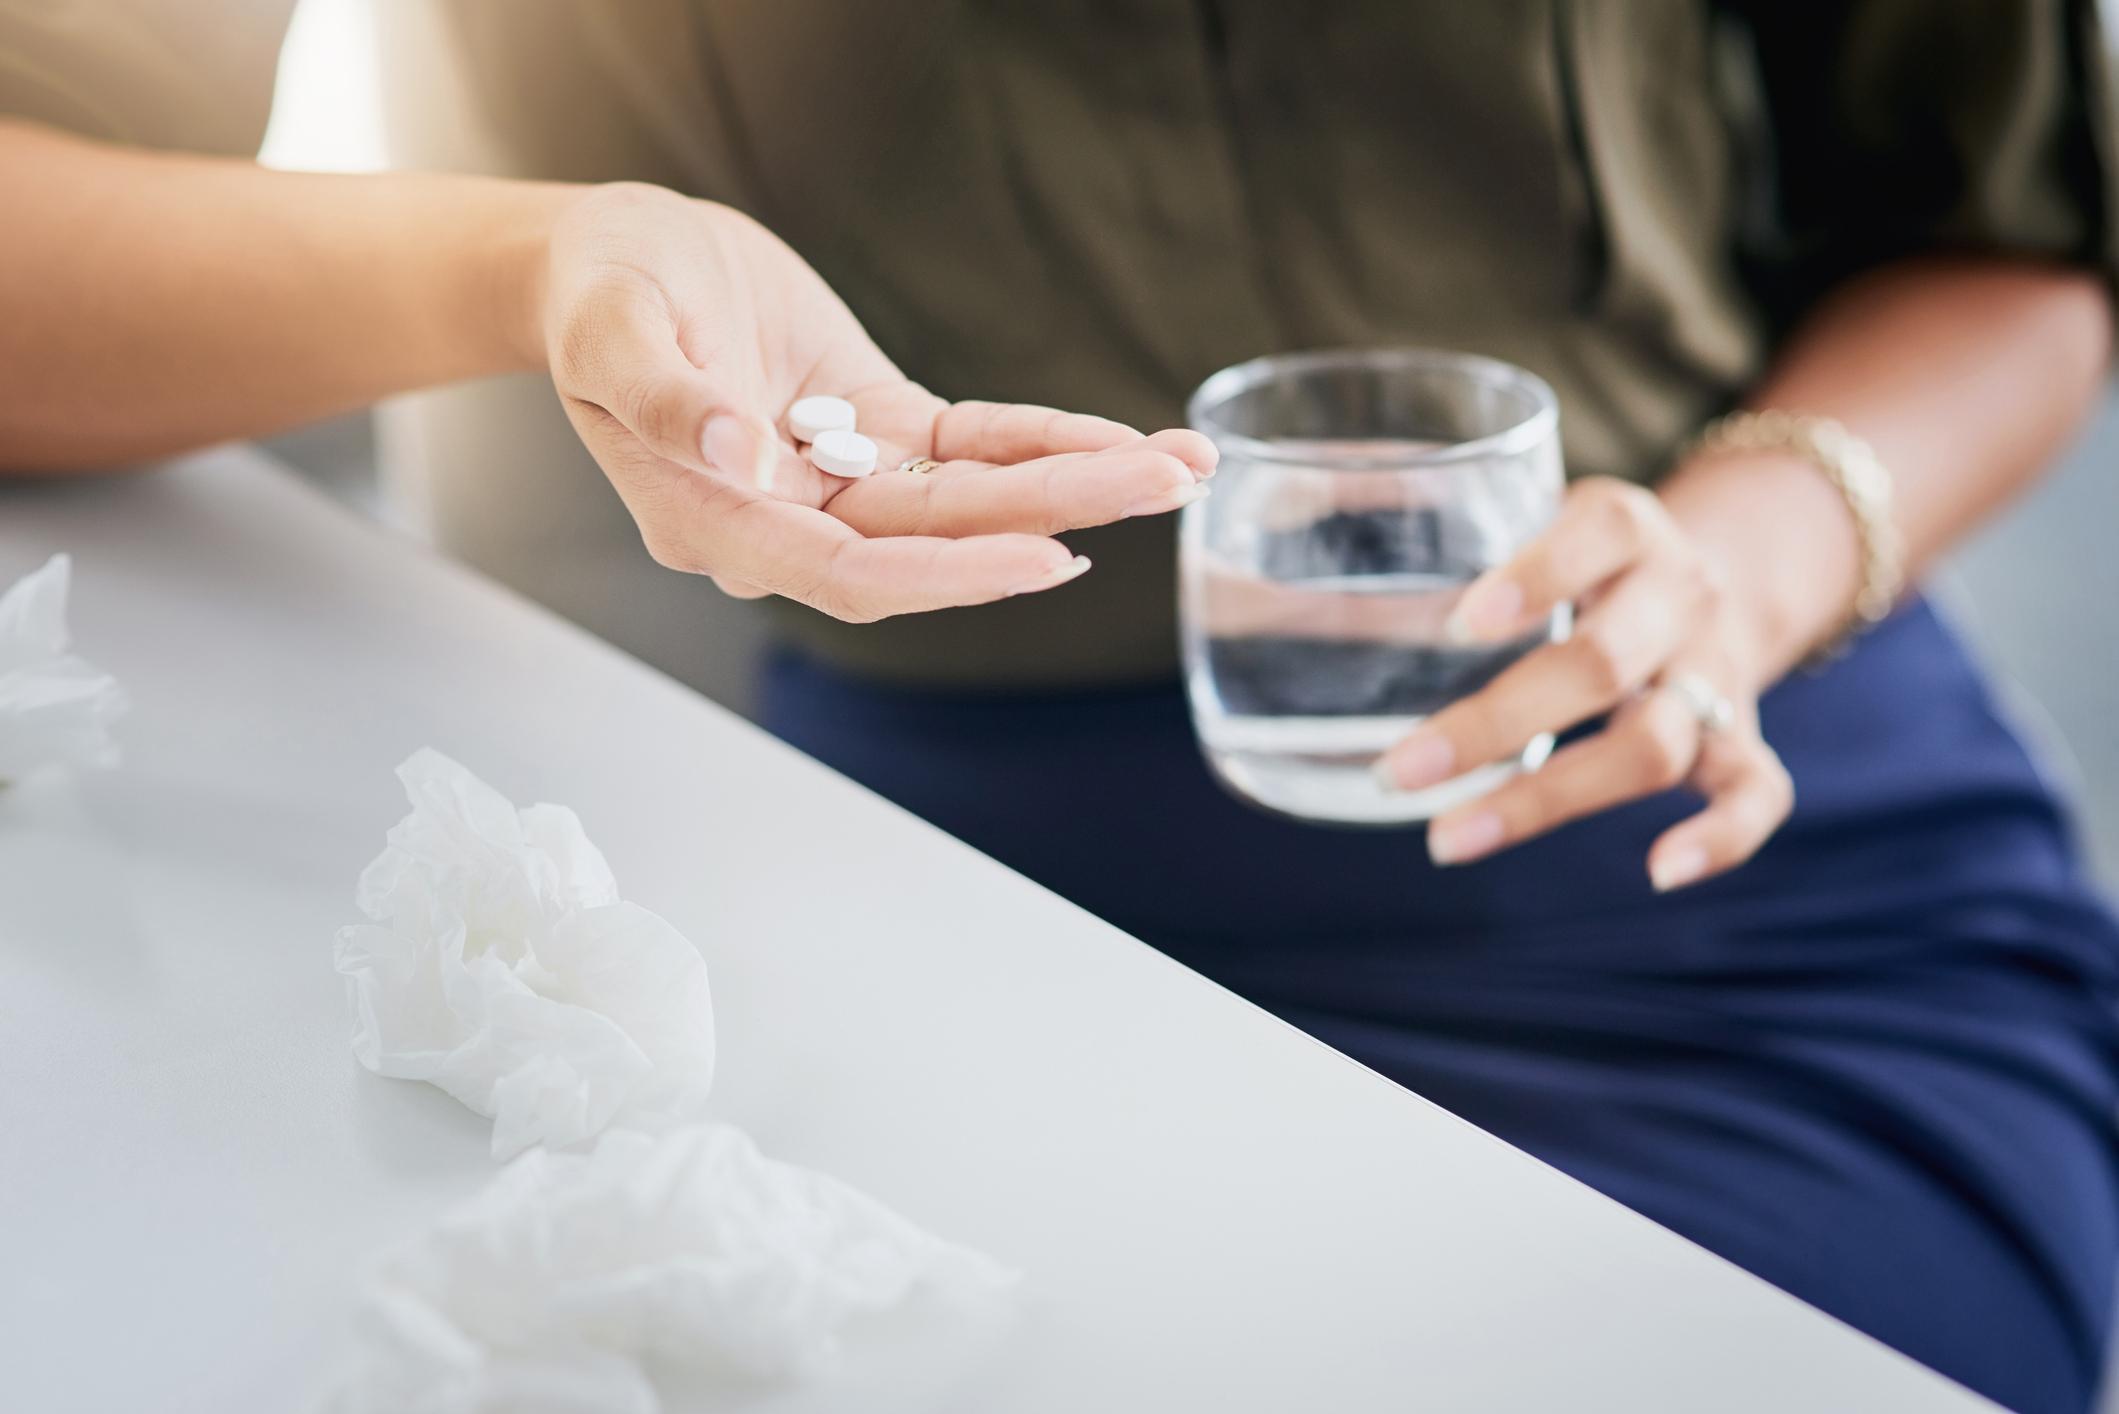 milyen vizelethajtót szedjen magas vérnyomás esetén